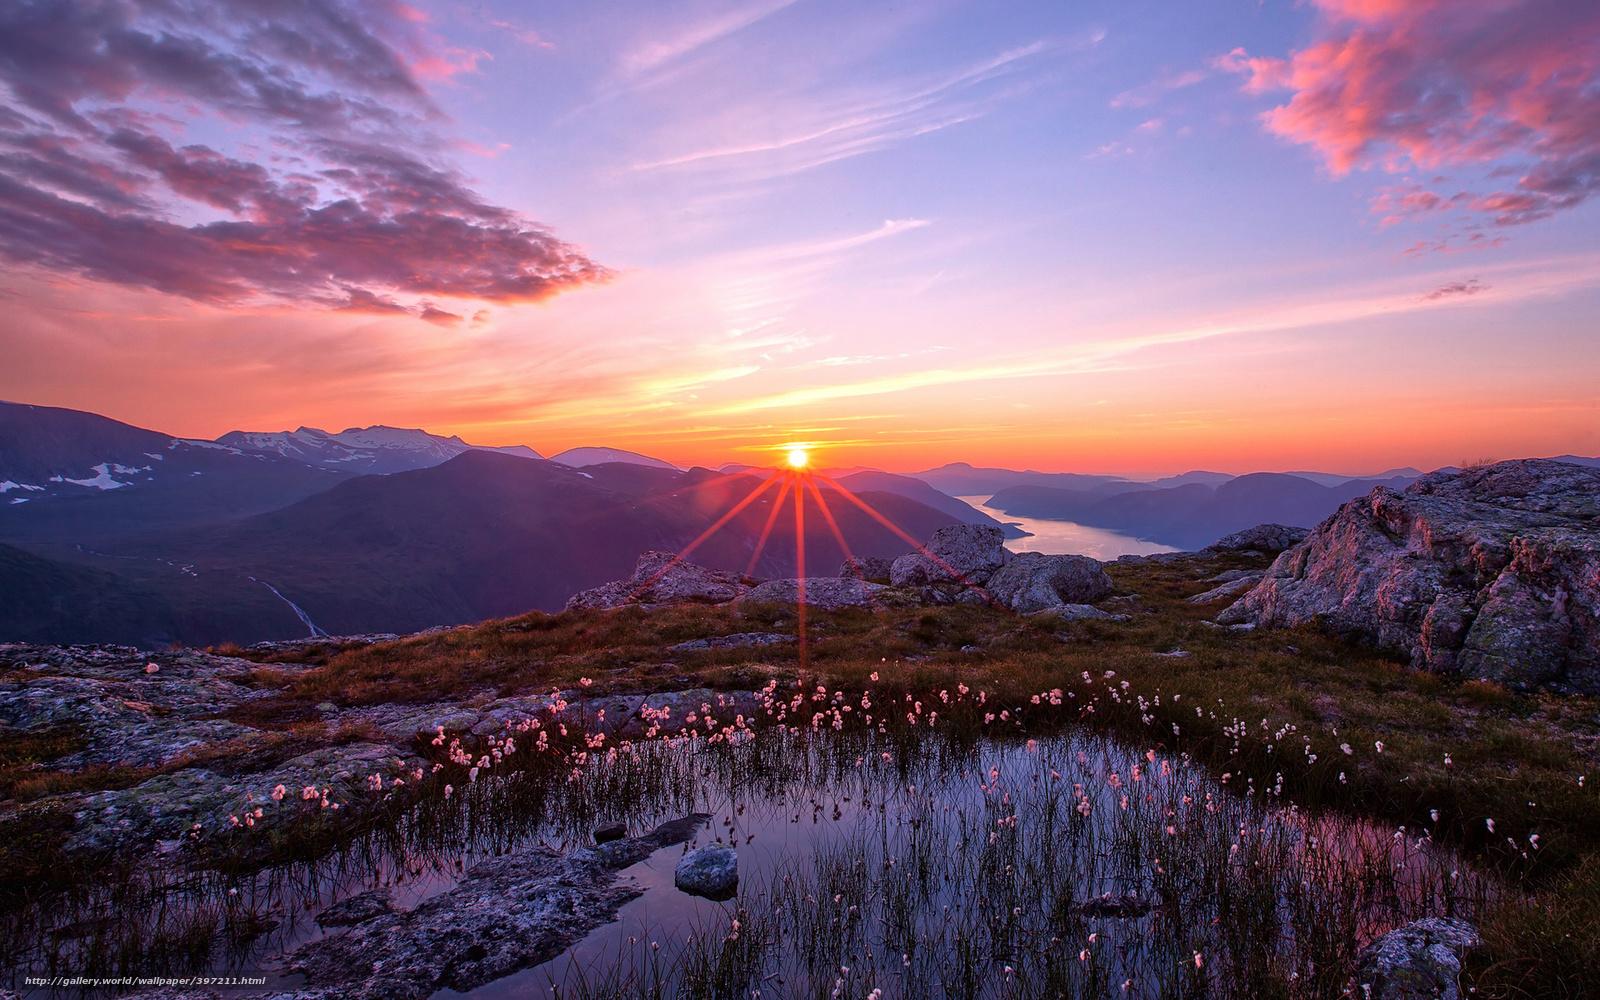 descarca imagini de fundal natur,  Muni,  apus de soare,  cer Imagini de fundal gratuite pentru rezoluia desktop 1920x1200 — imagine №397211